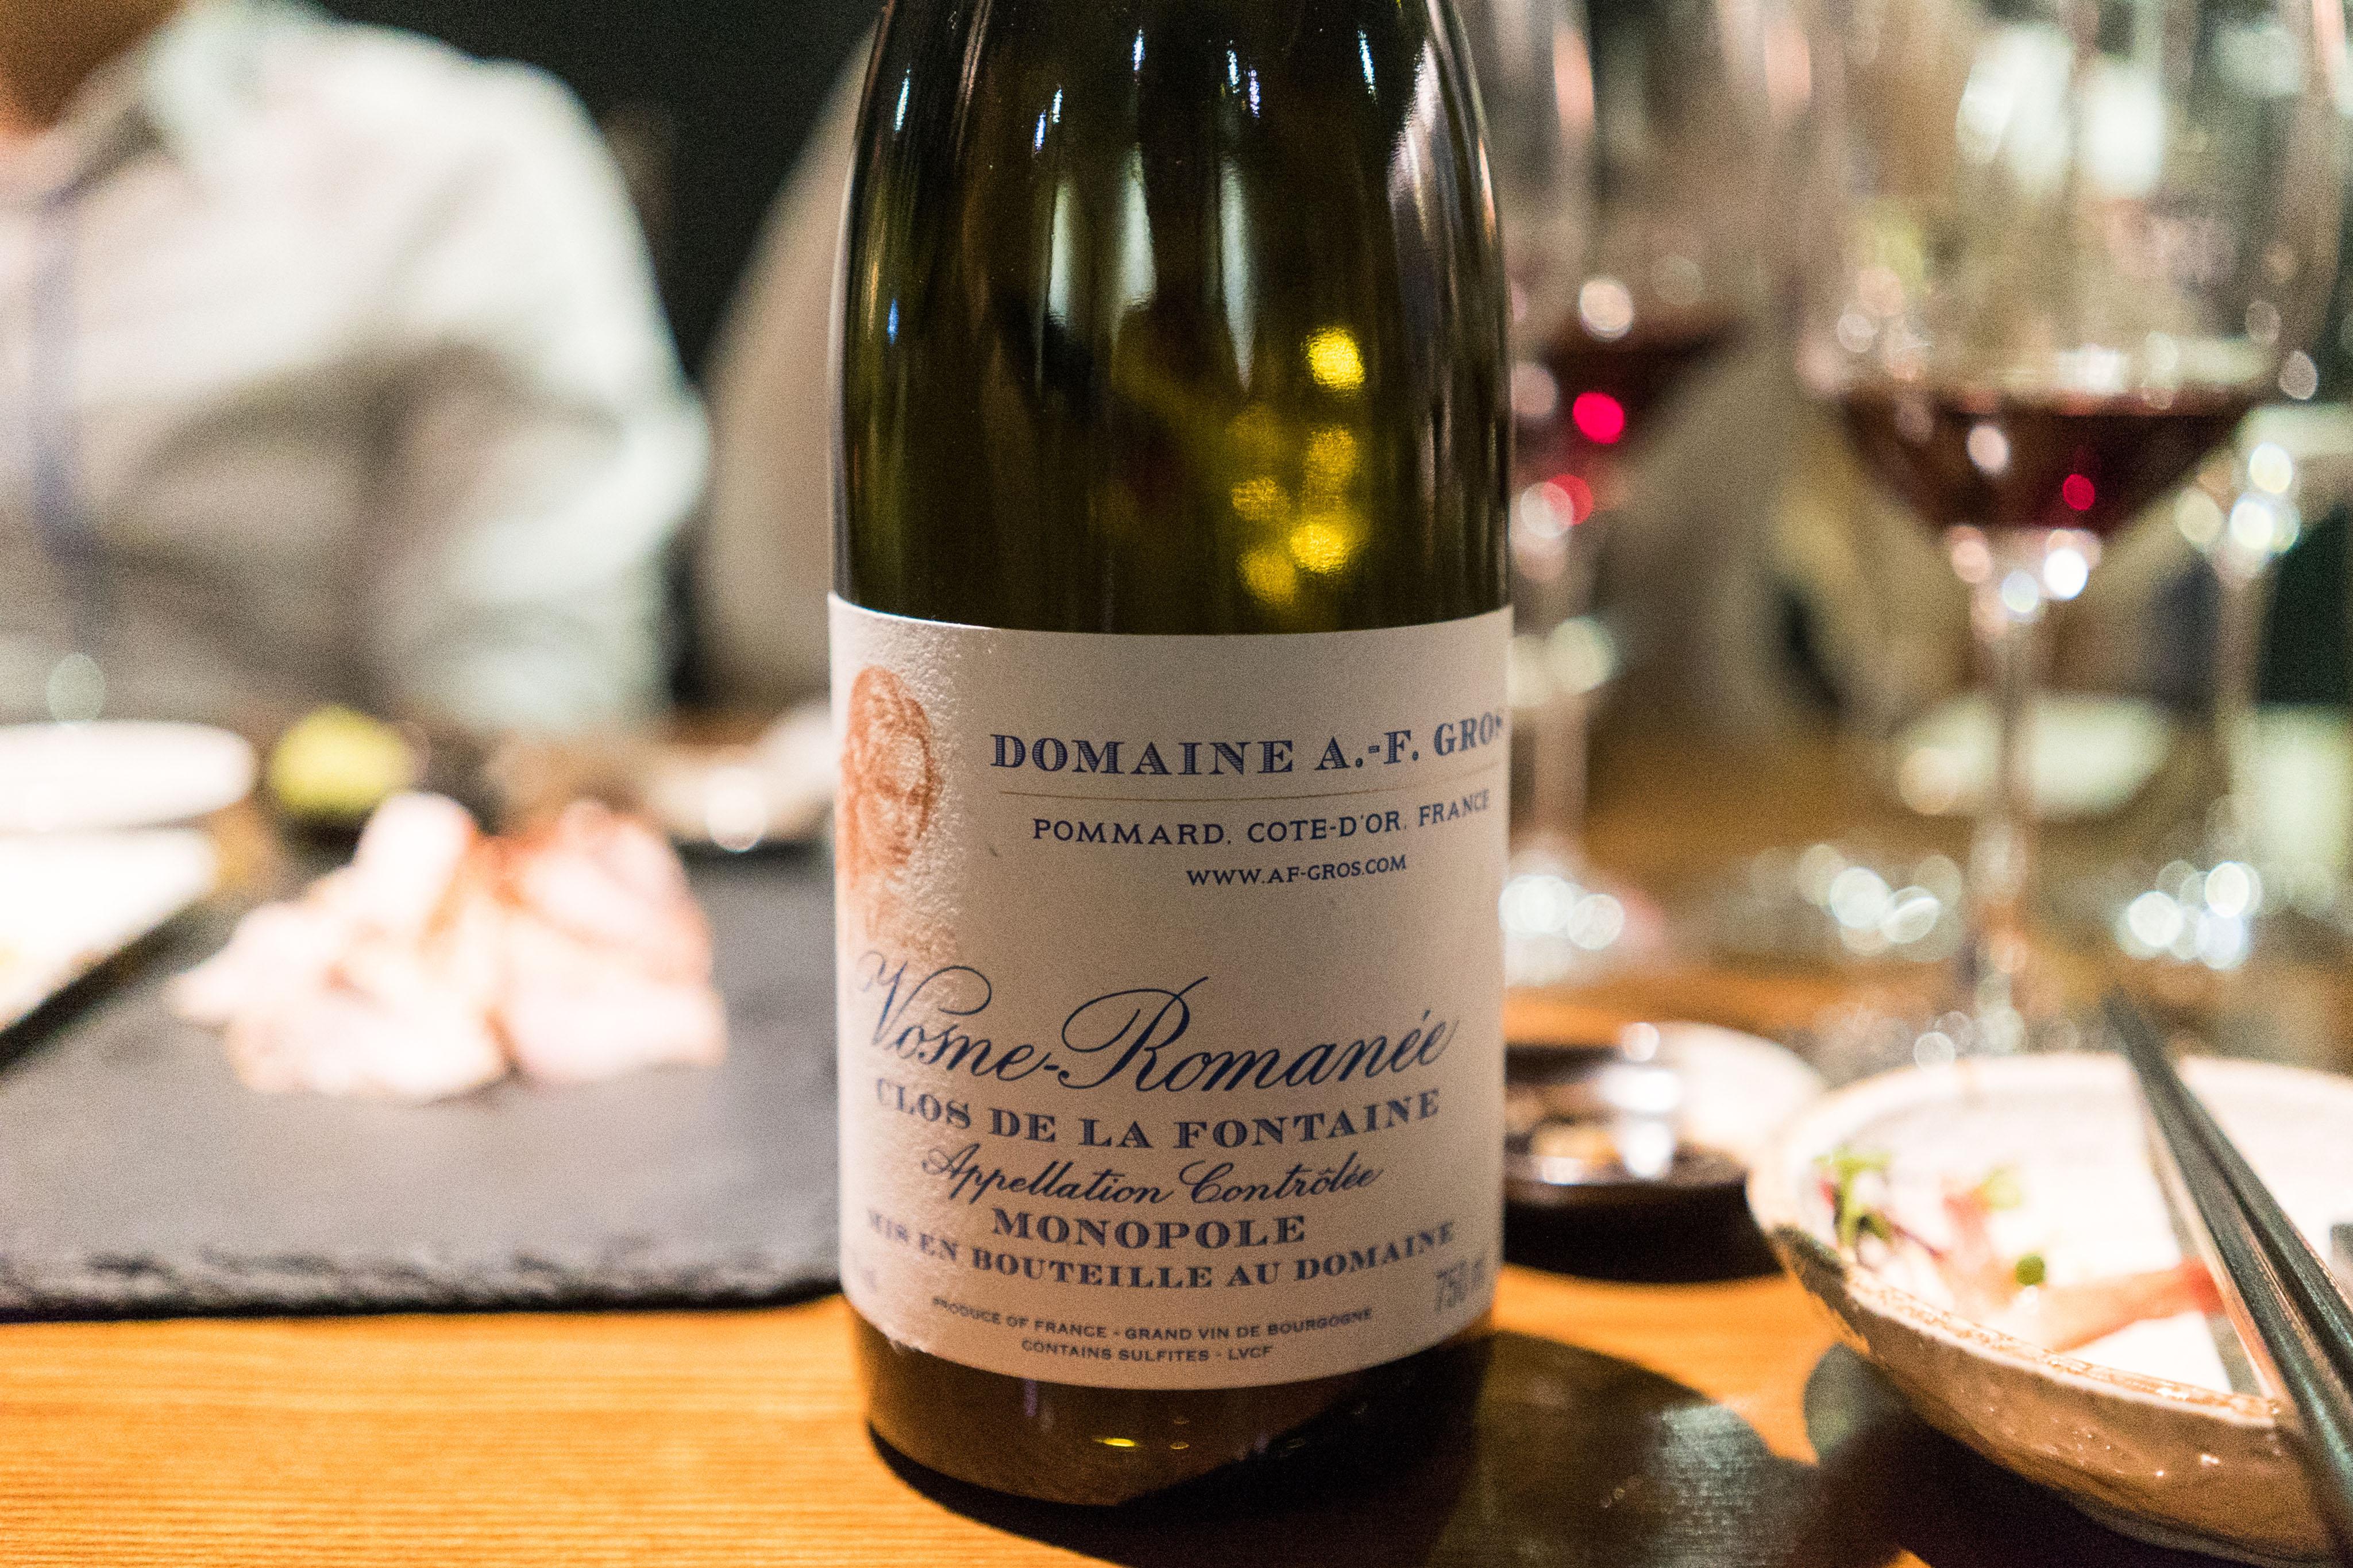 Domaine A.F.Gros Vosne Romanee Clos De La Fontaine 2014